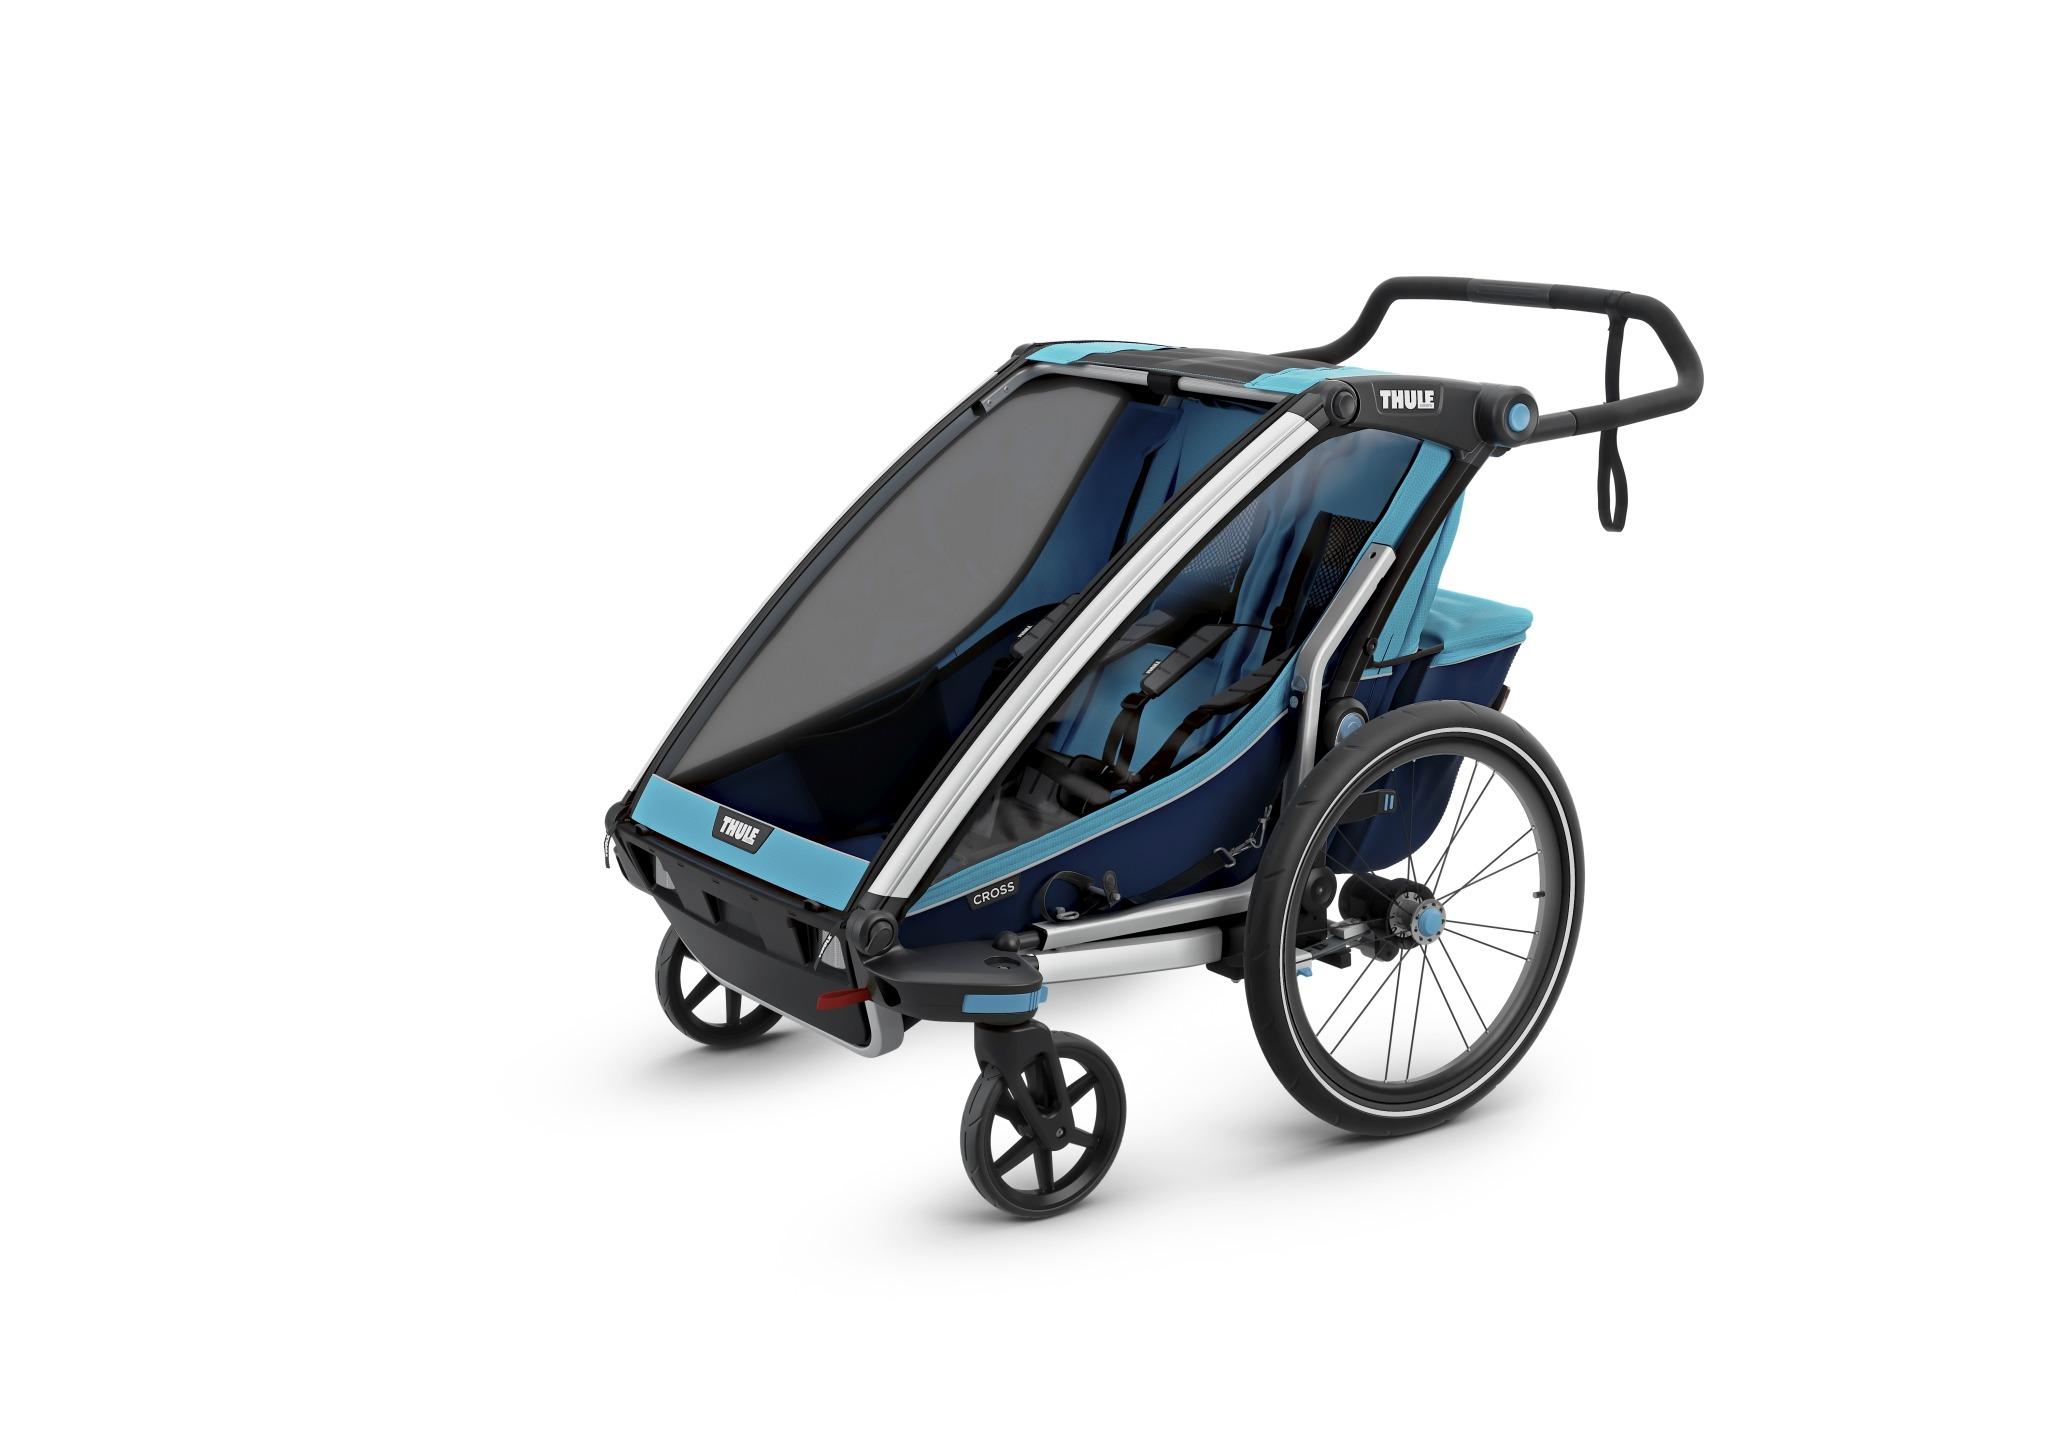 Wózek do biegania, podwójny - THULE Chariot Cross 2 - niebieski/granatowy